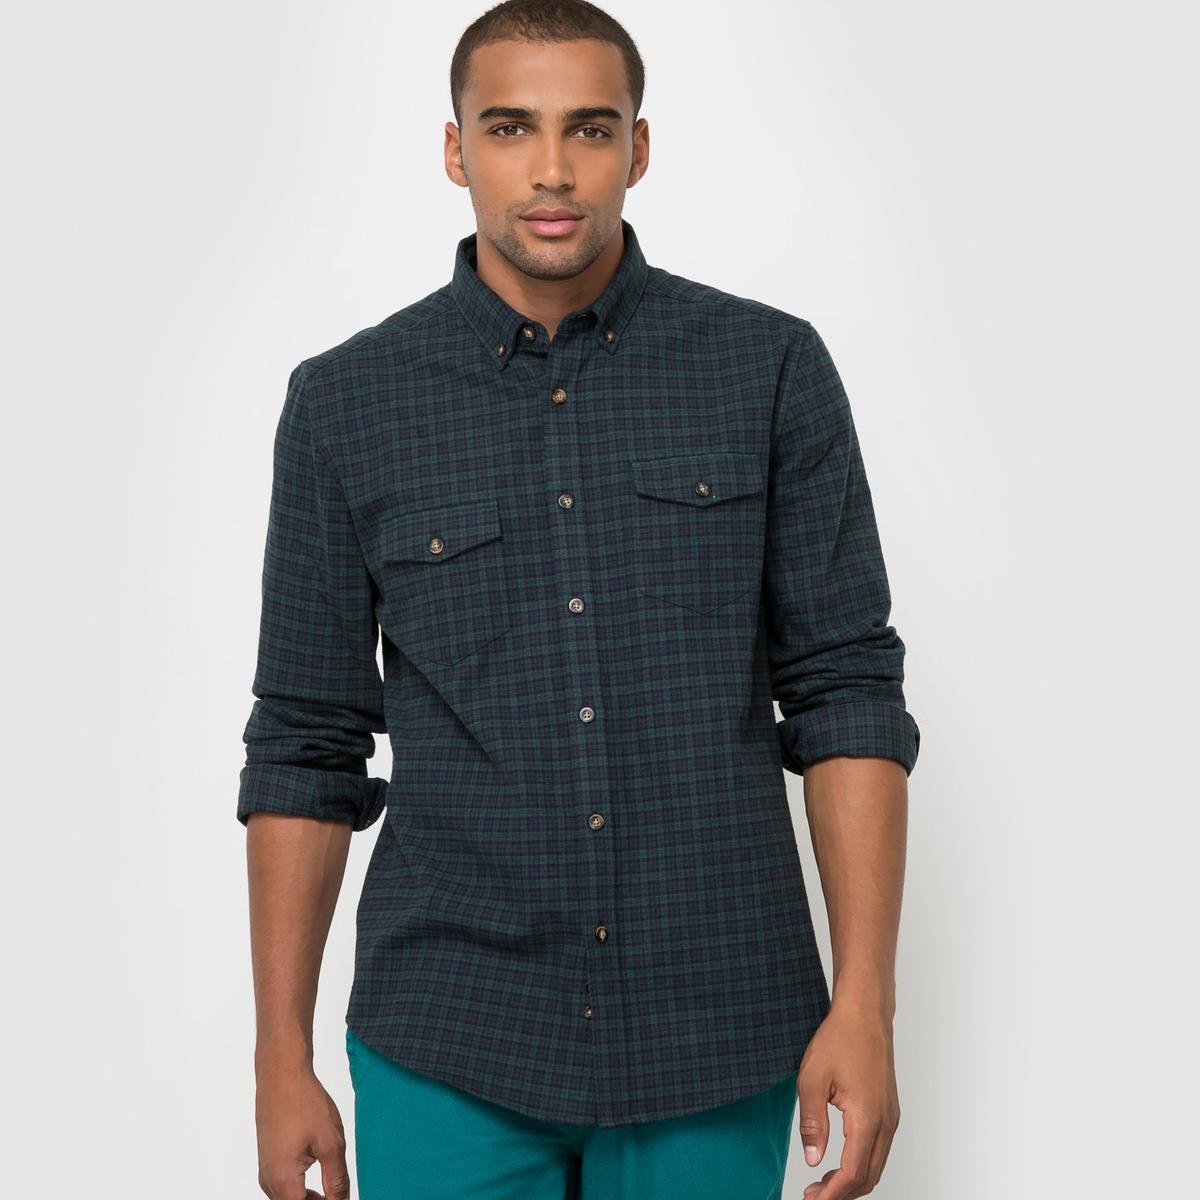 Рубашка прямого покроя с длинными рукавами, 100% хлопокРубашка в клетку из хлопка. Стильная рубашка прямого покроя в клетку в стиле casual. Можно носить только рубашку или с футболкой либо с пуловером зимой.  Материал : 100% хлопок  Прямой покрой. Застежка на пуговицы.<br><br>Цвет: в клетку<br>Размер: 39/40